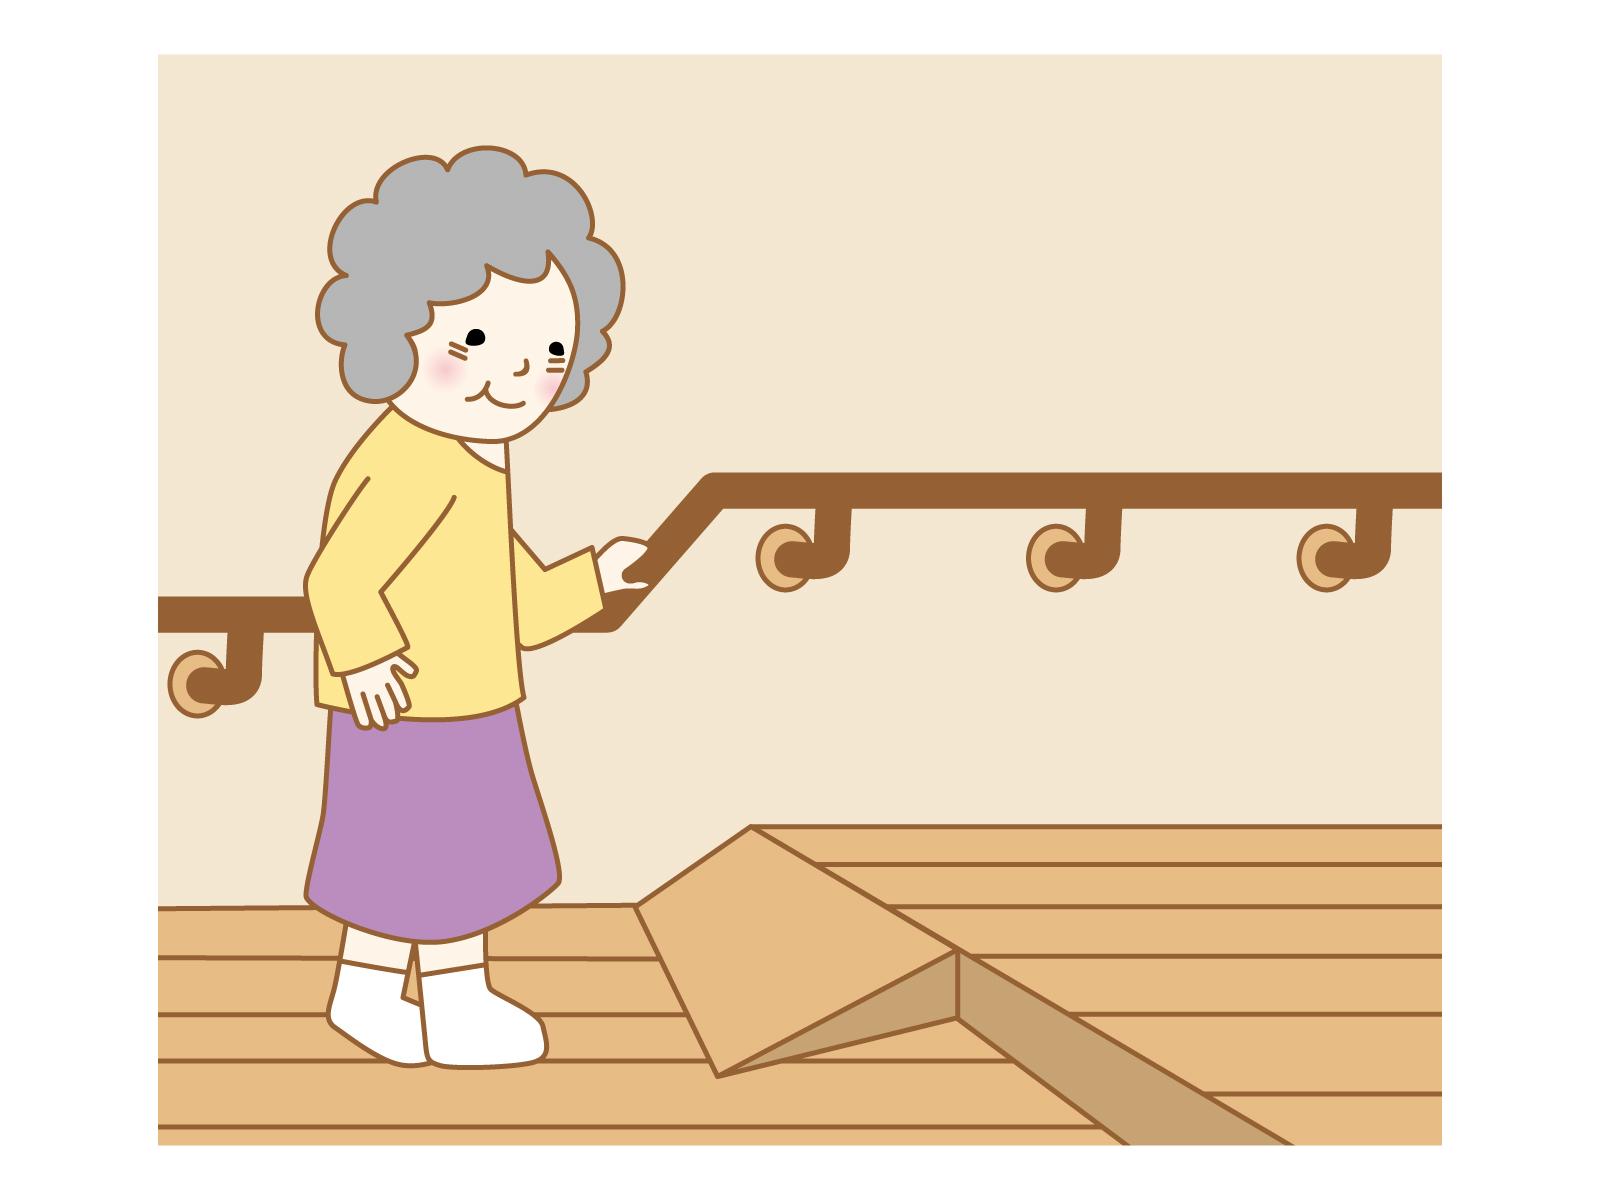 認知症高齢者に合った住宅改修の実施で周辺症状が改善